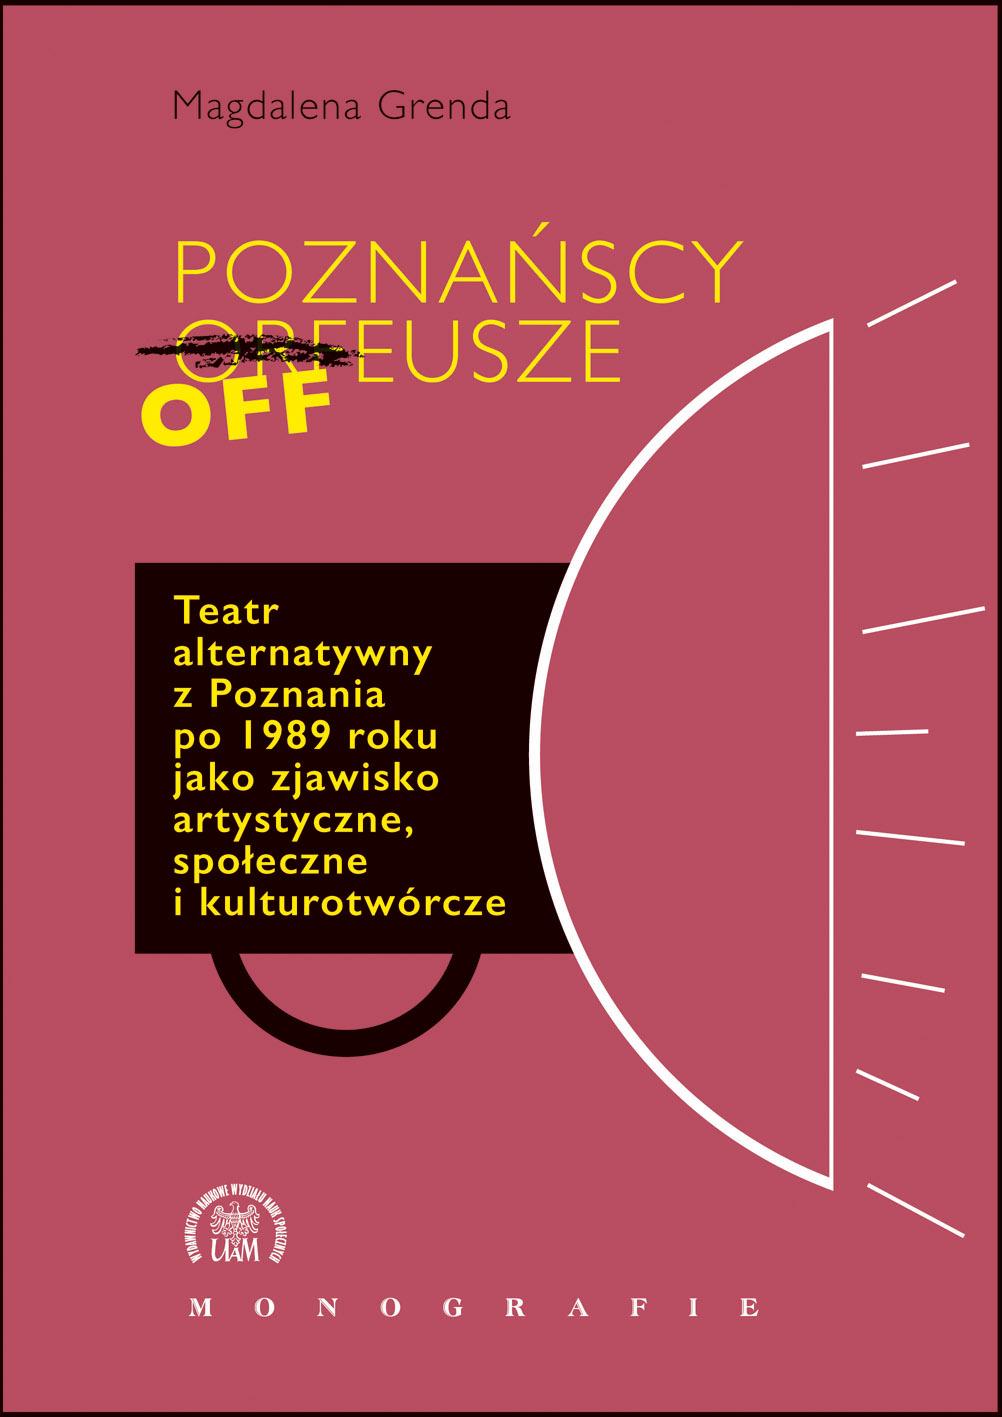 Poznanscy Offeusze